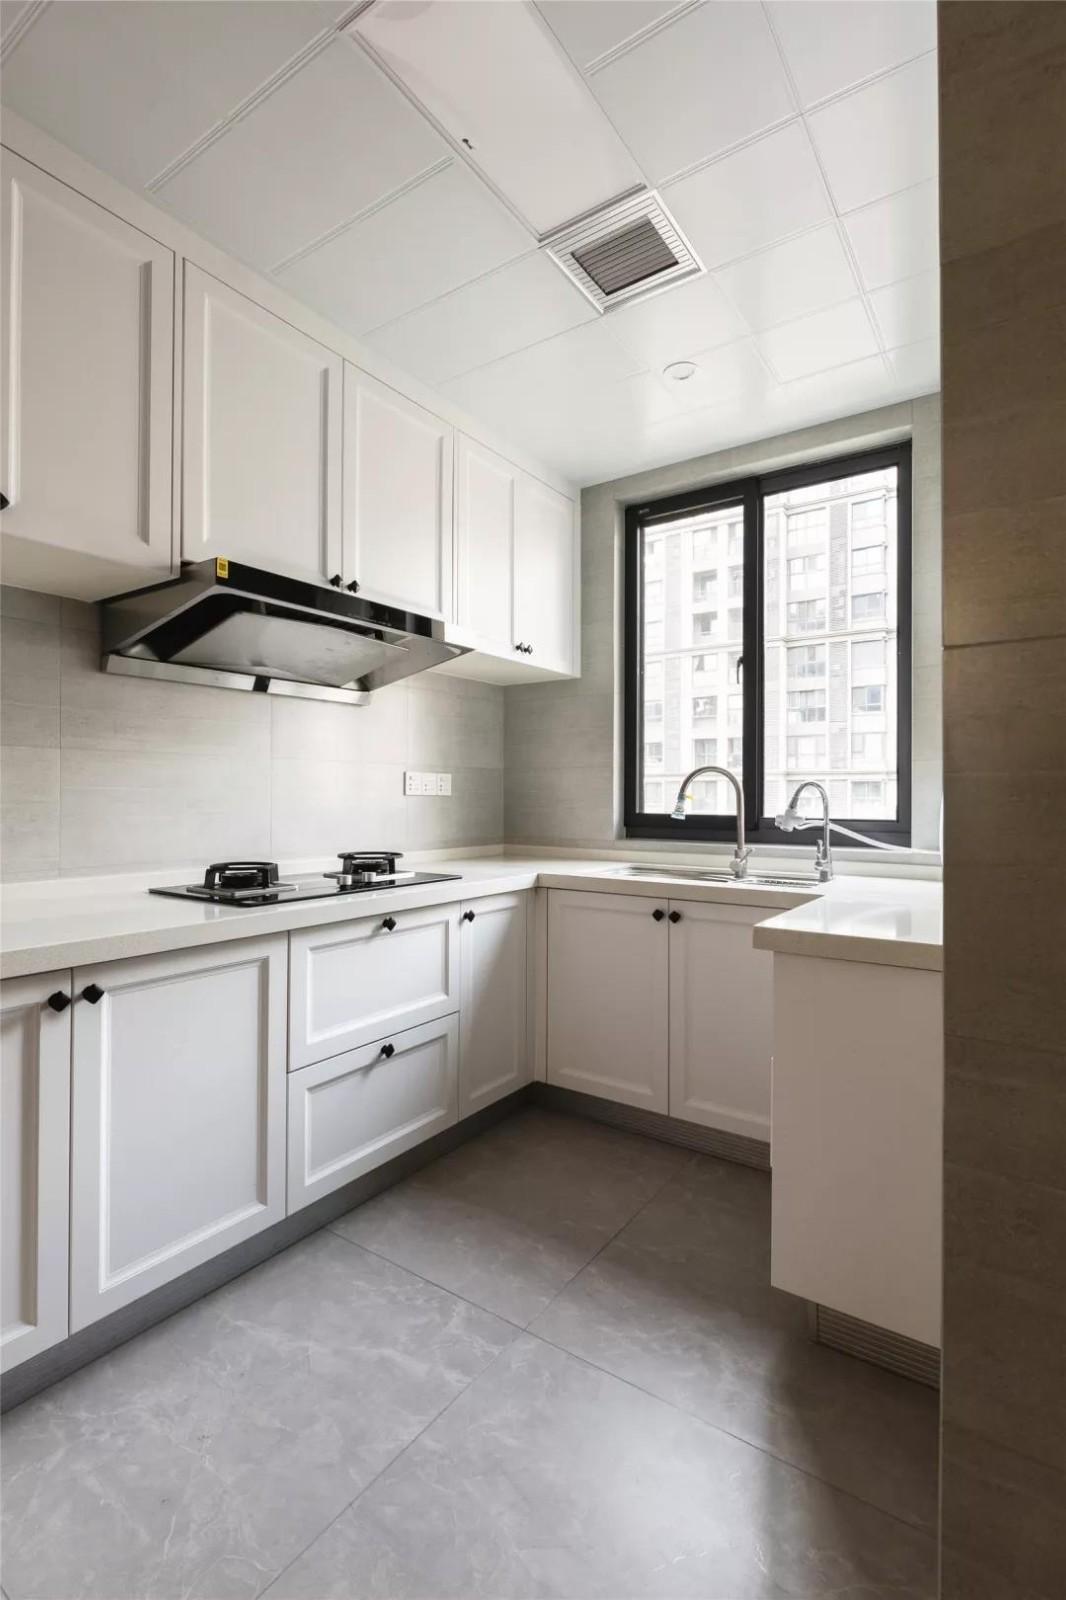 2020現代廚房裝修圖 2020現代廚房島臺裝飾設計